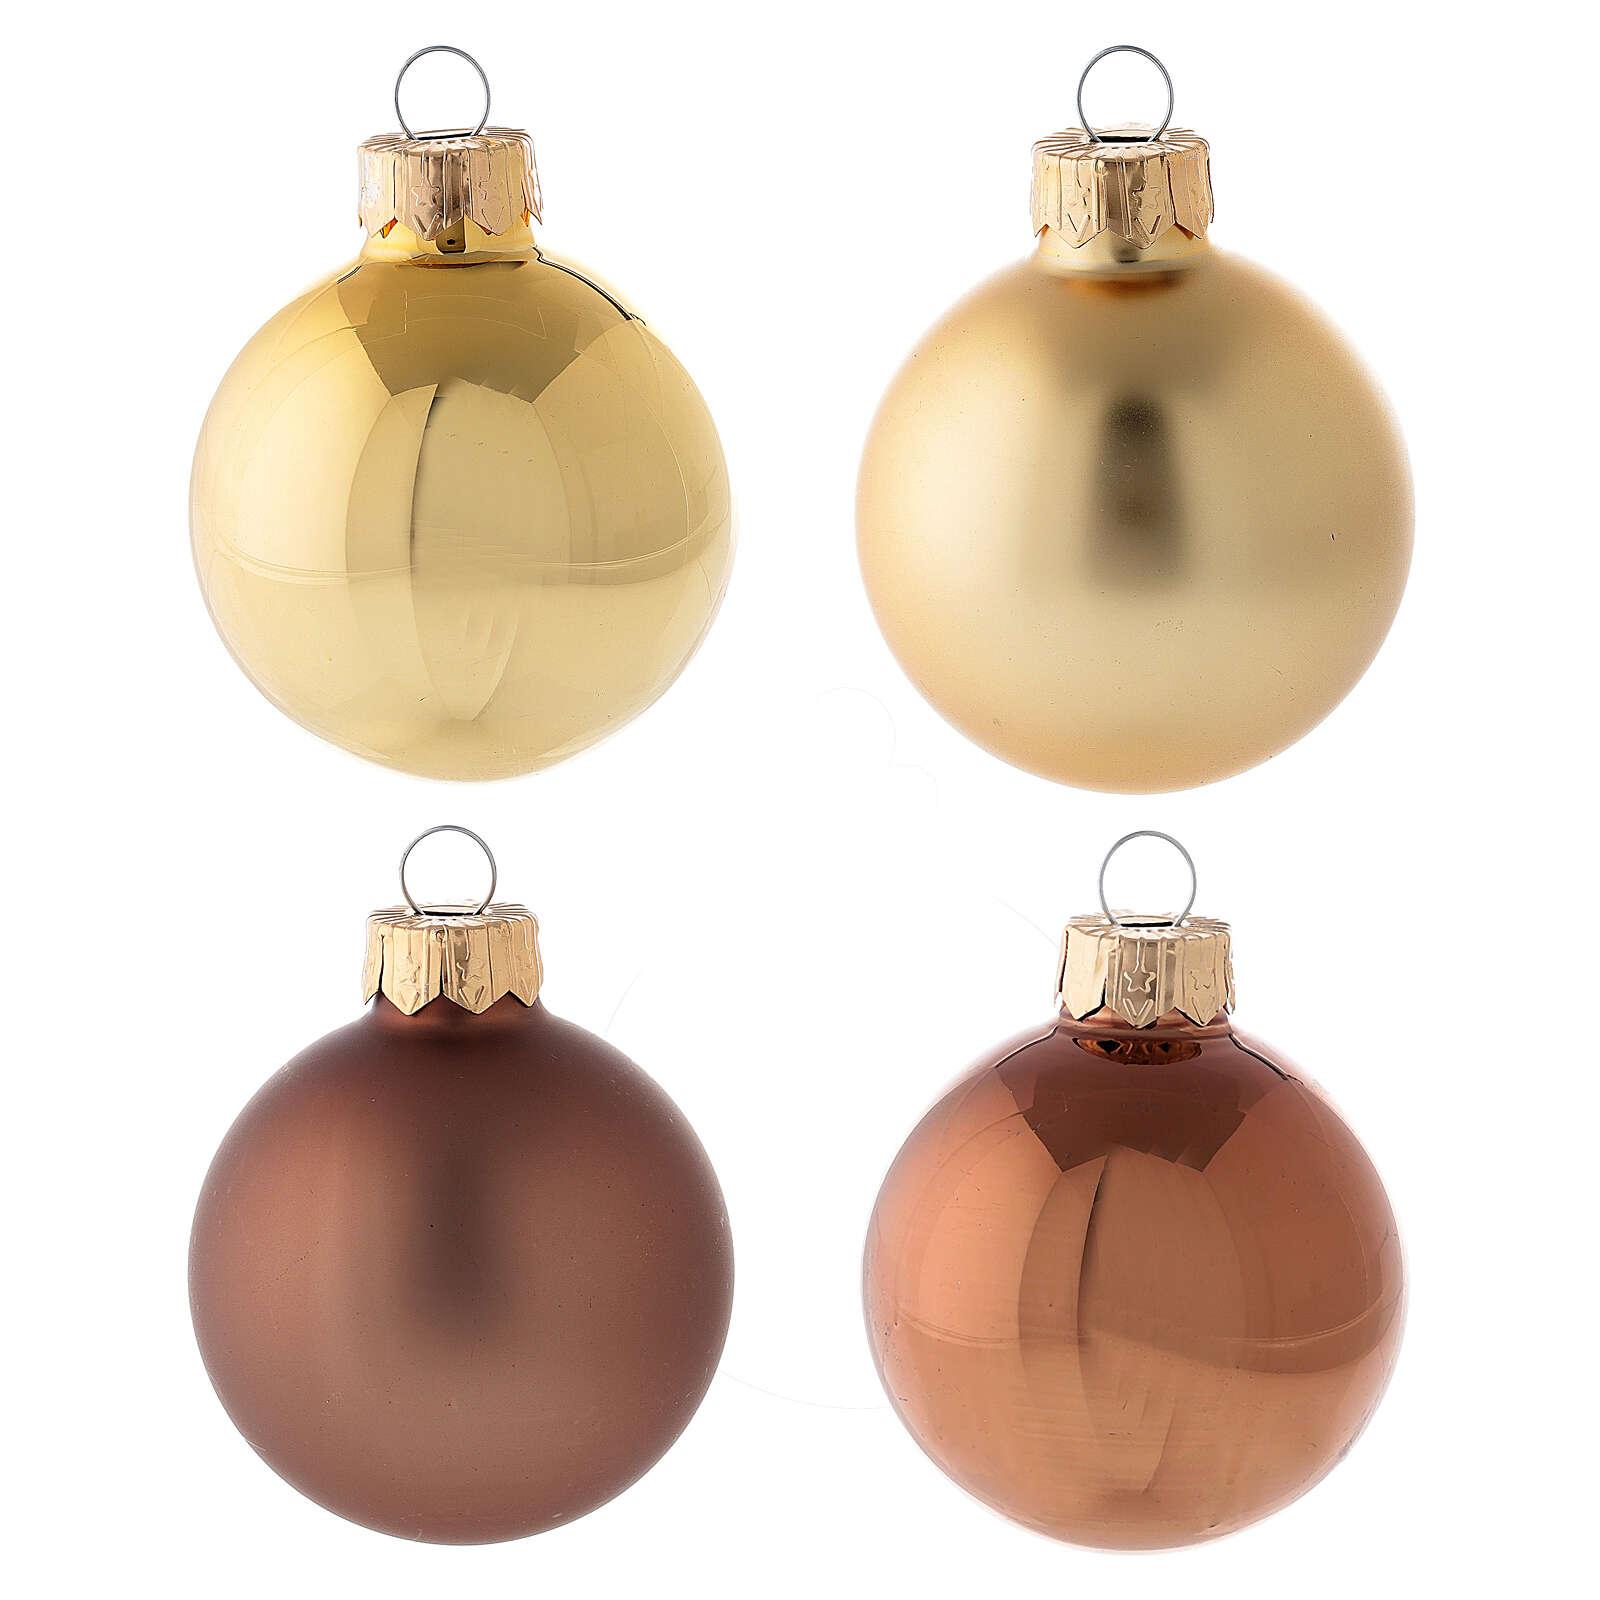 Set cimier et 16 boules de Noël 50 mm verre soufflé or marron 4